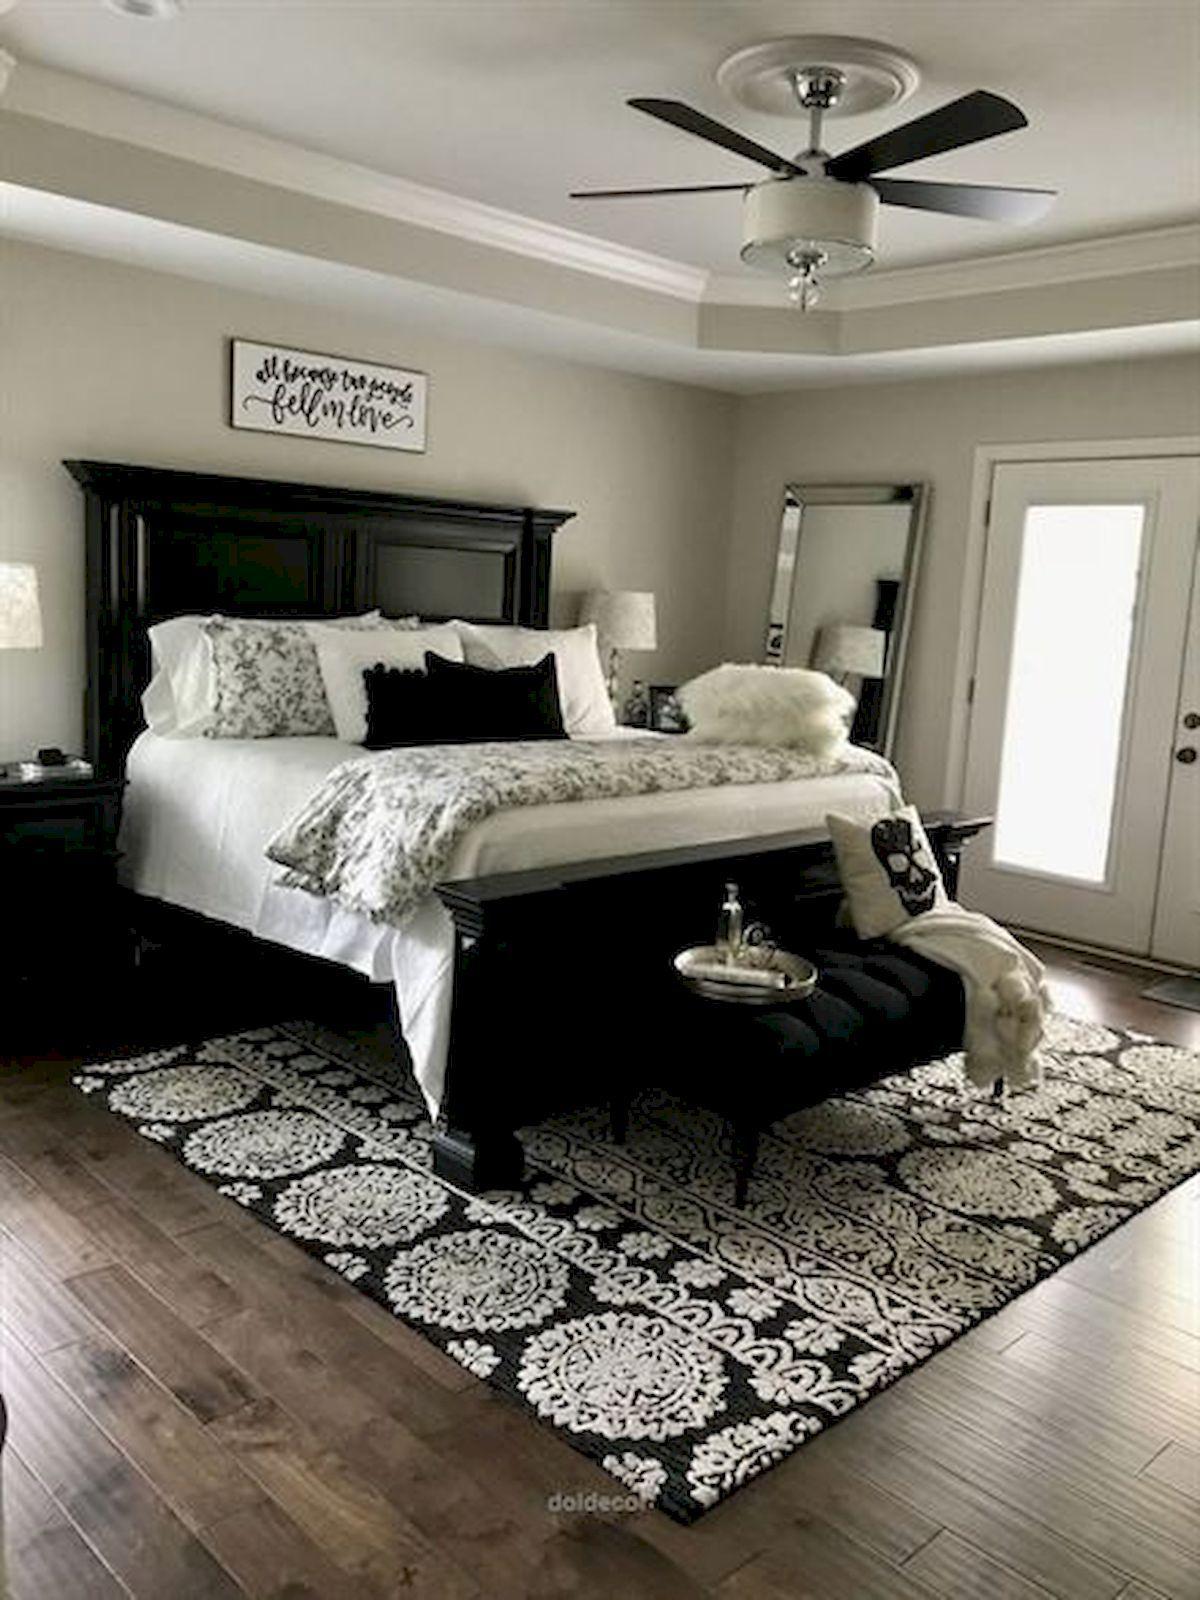 Ashleyfurniture Com Bedroom Sets: 47 Most Popular Bedding For Farmhouse Bedroom Design Ideas